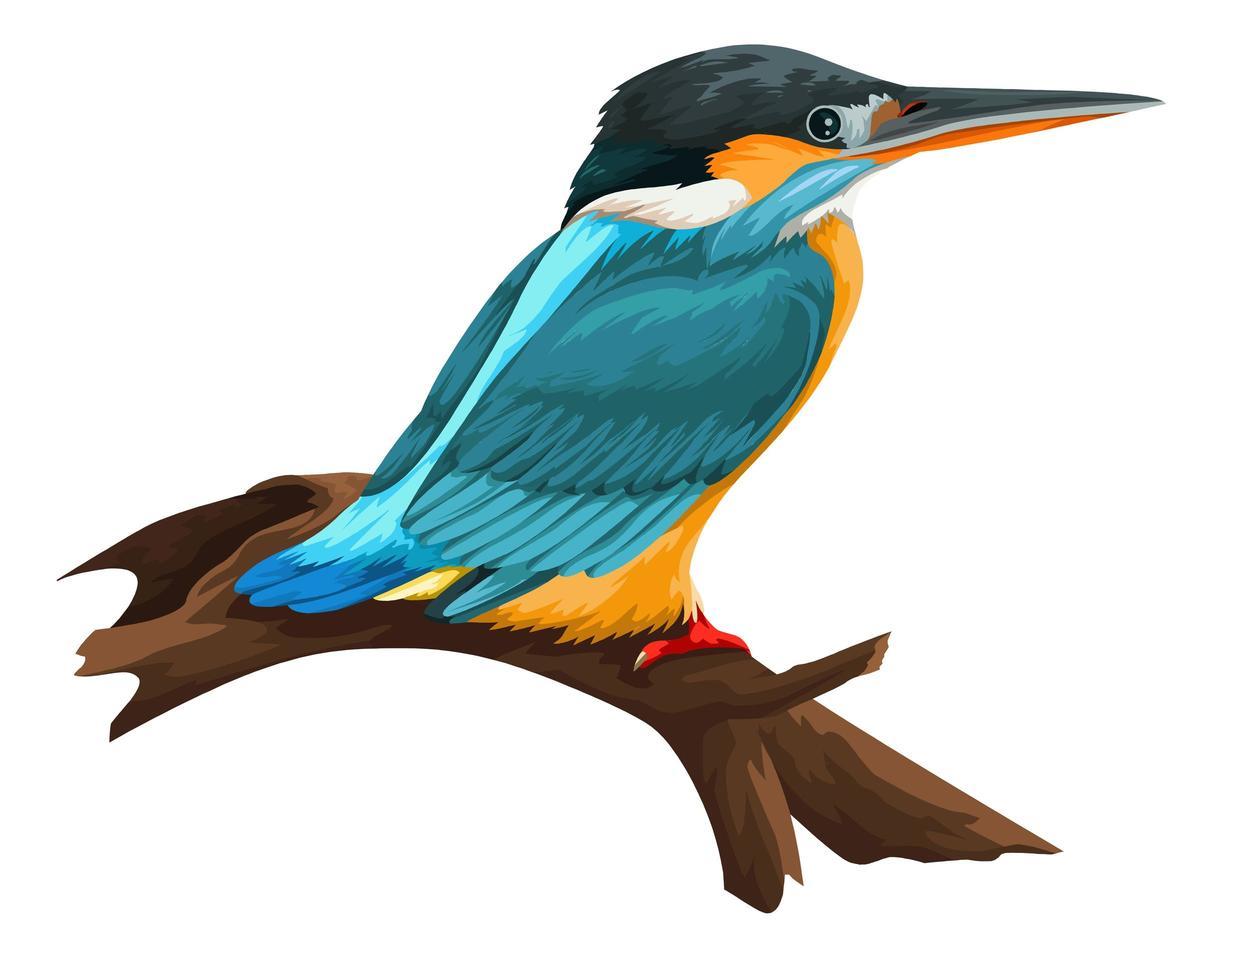 pájaro martín pescador azul donde se posan en la rama vector